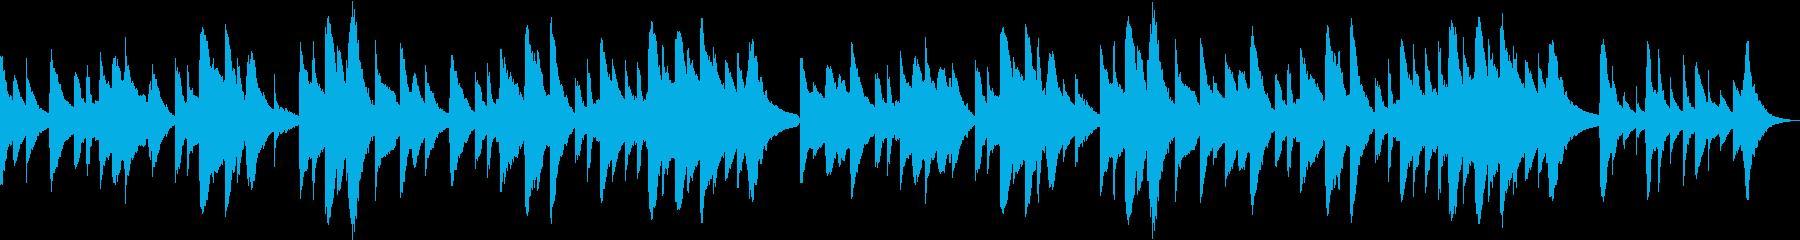 穏やかなオルゴールバラード(ループ可)の再生済みの波形